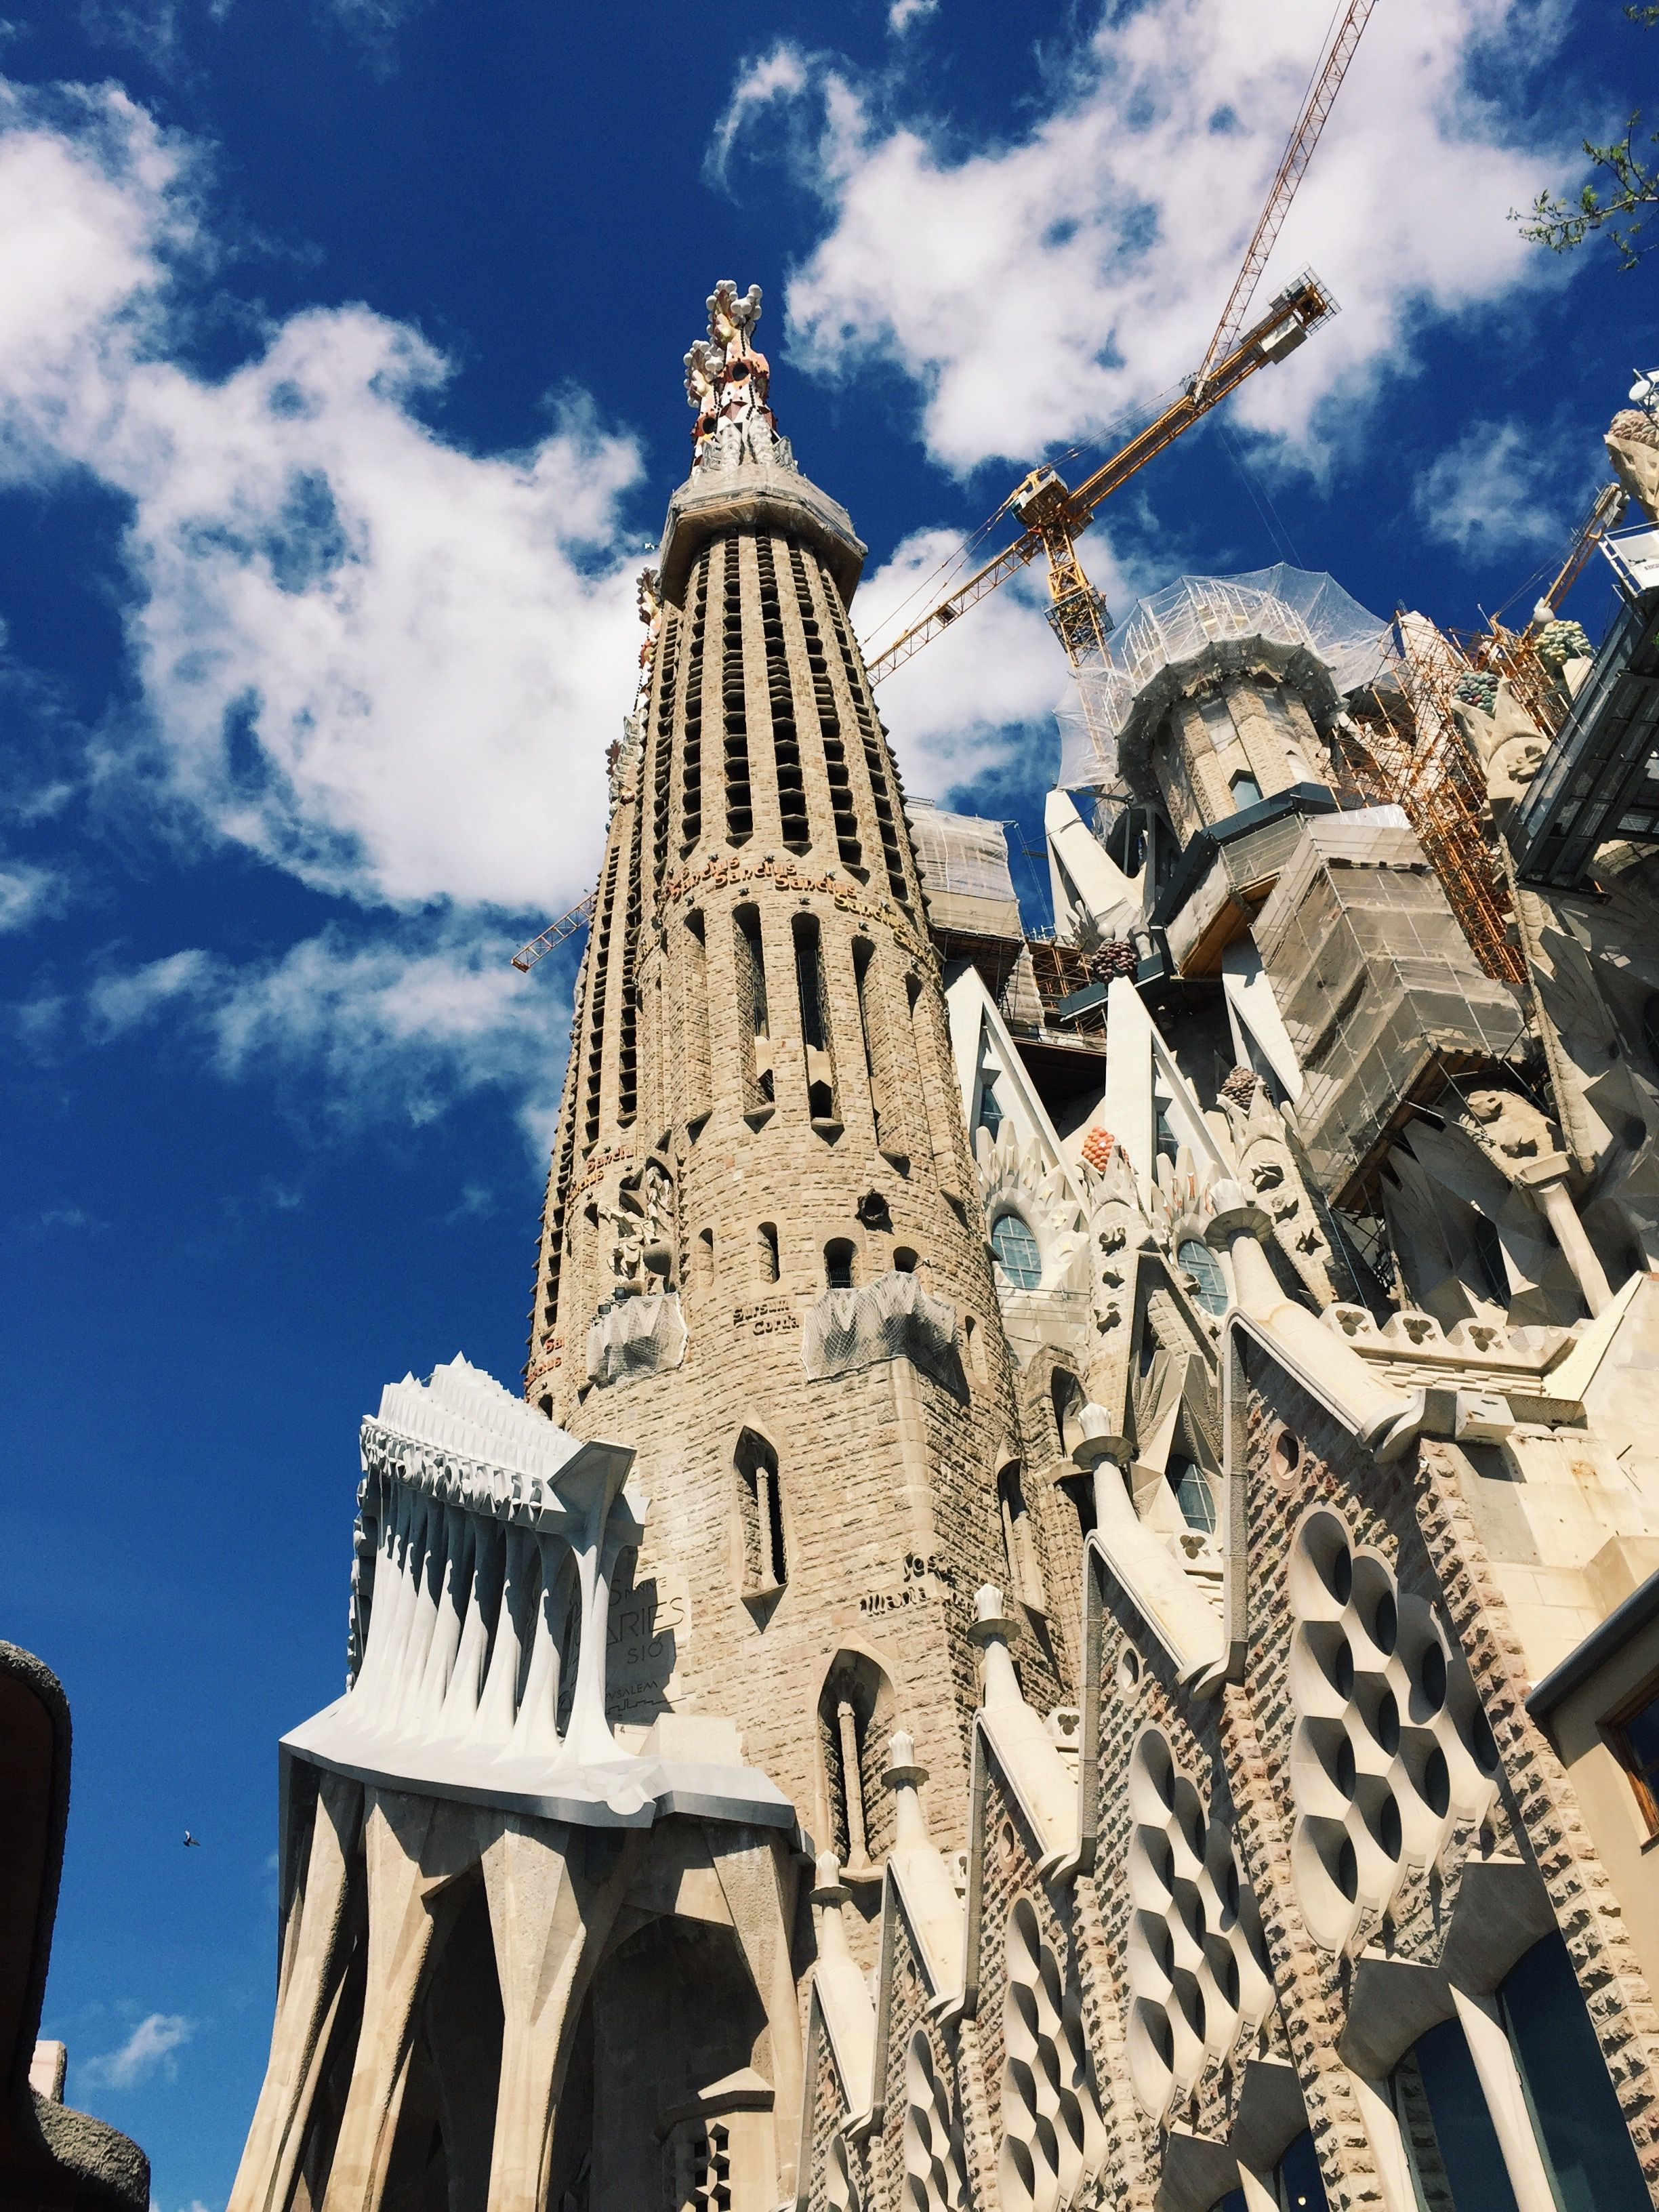 Là Sagrada Familia